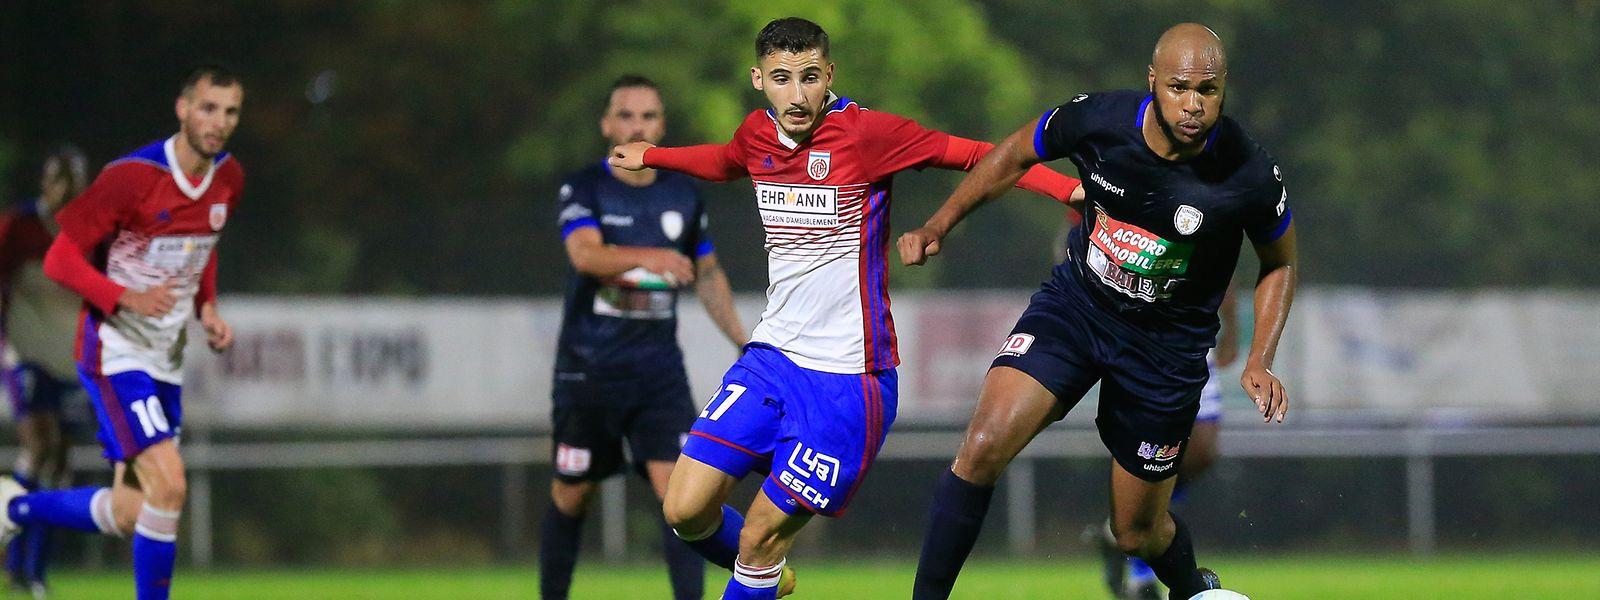 Zachary Hadji, ici devancé par Sonhy Sefil, a permis au Fola de refaire surface en inscrivant un penalty.